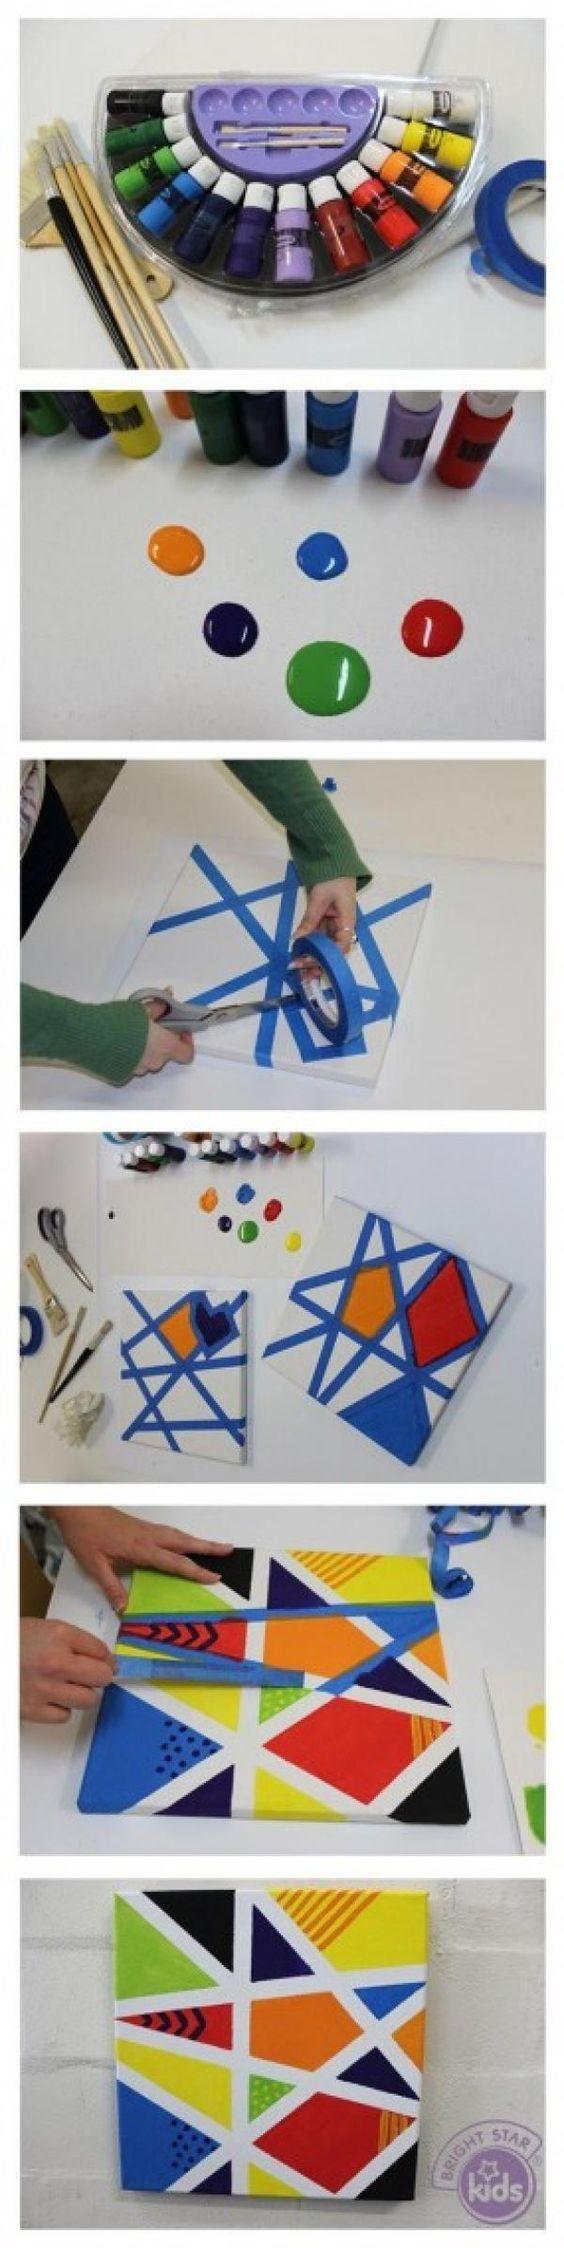 Une id e simple et originale pour faire de la peinture - Bricolage simple pour enfant ...